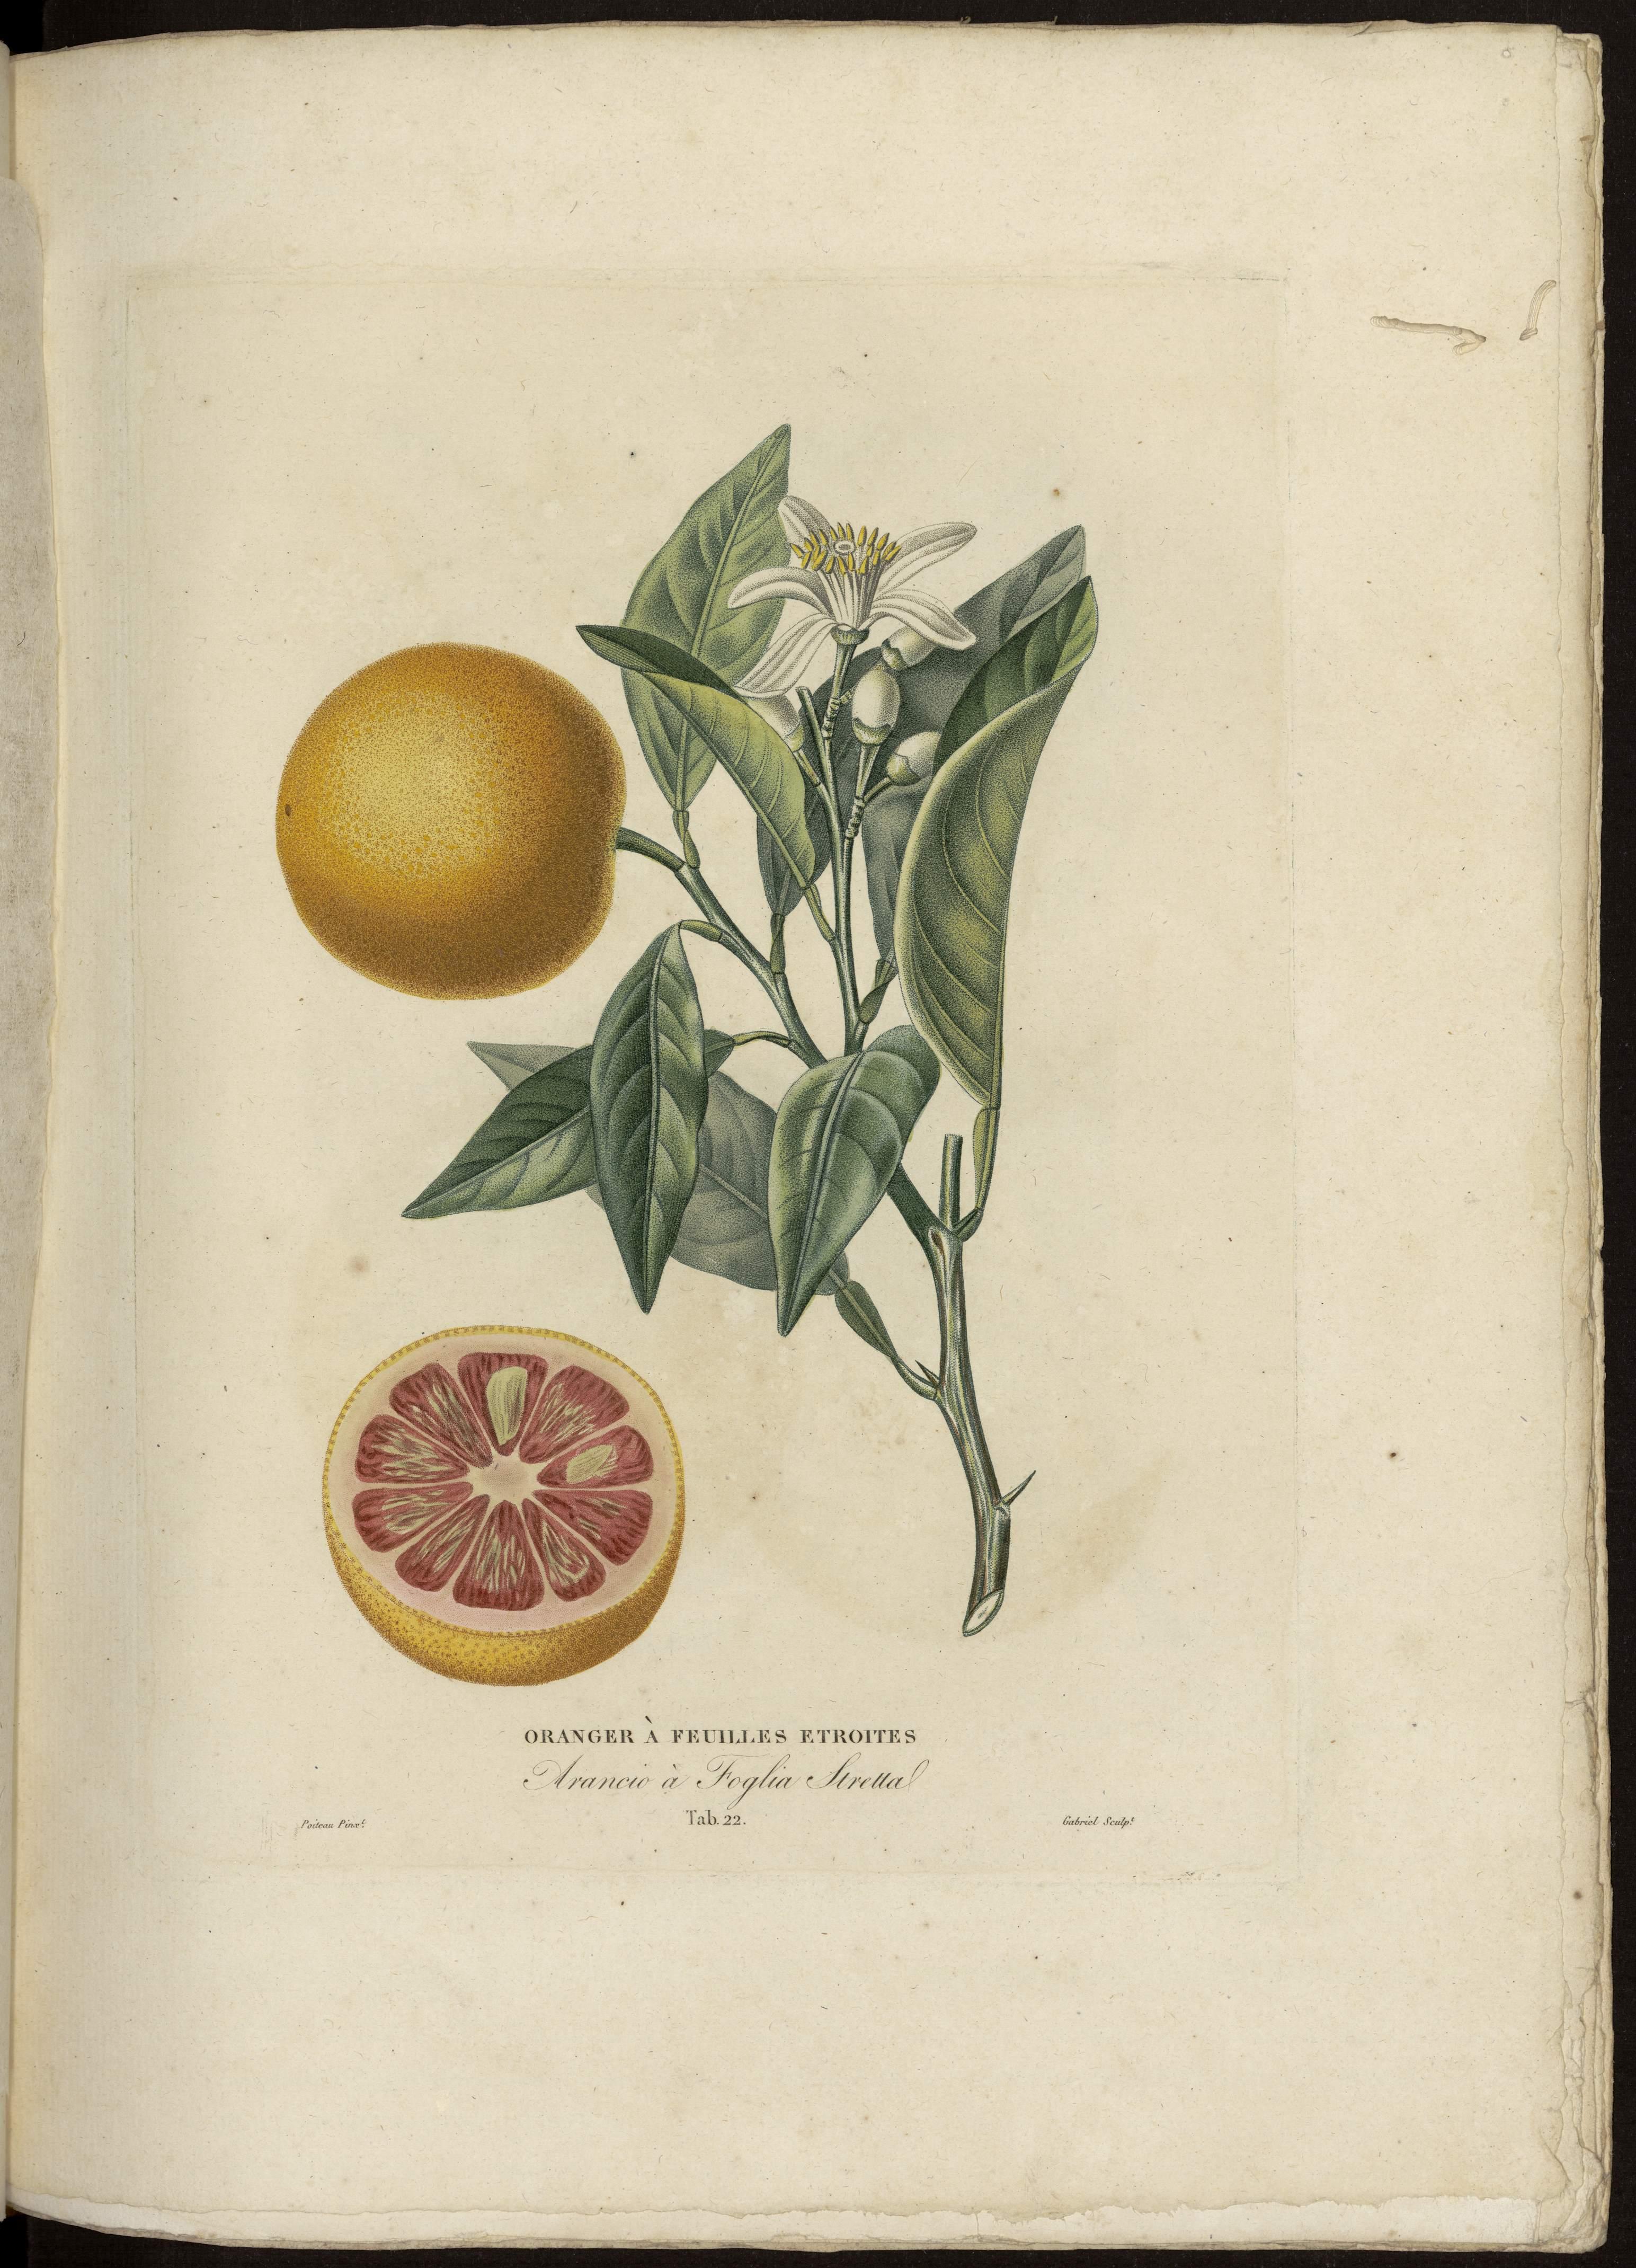 Oranger à feuilles étroites